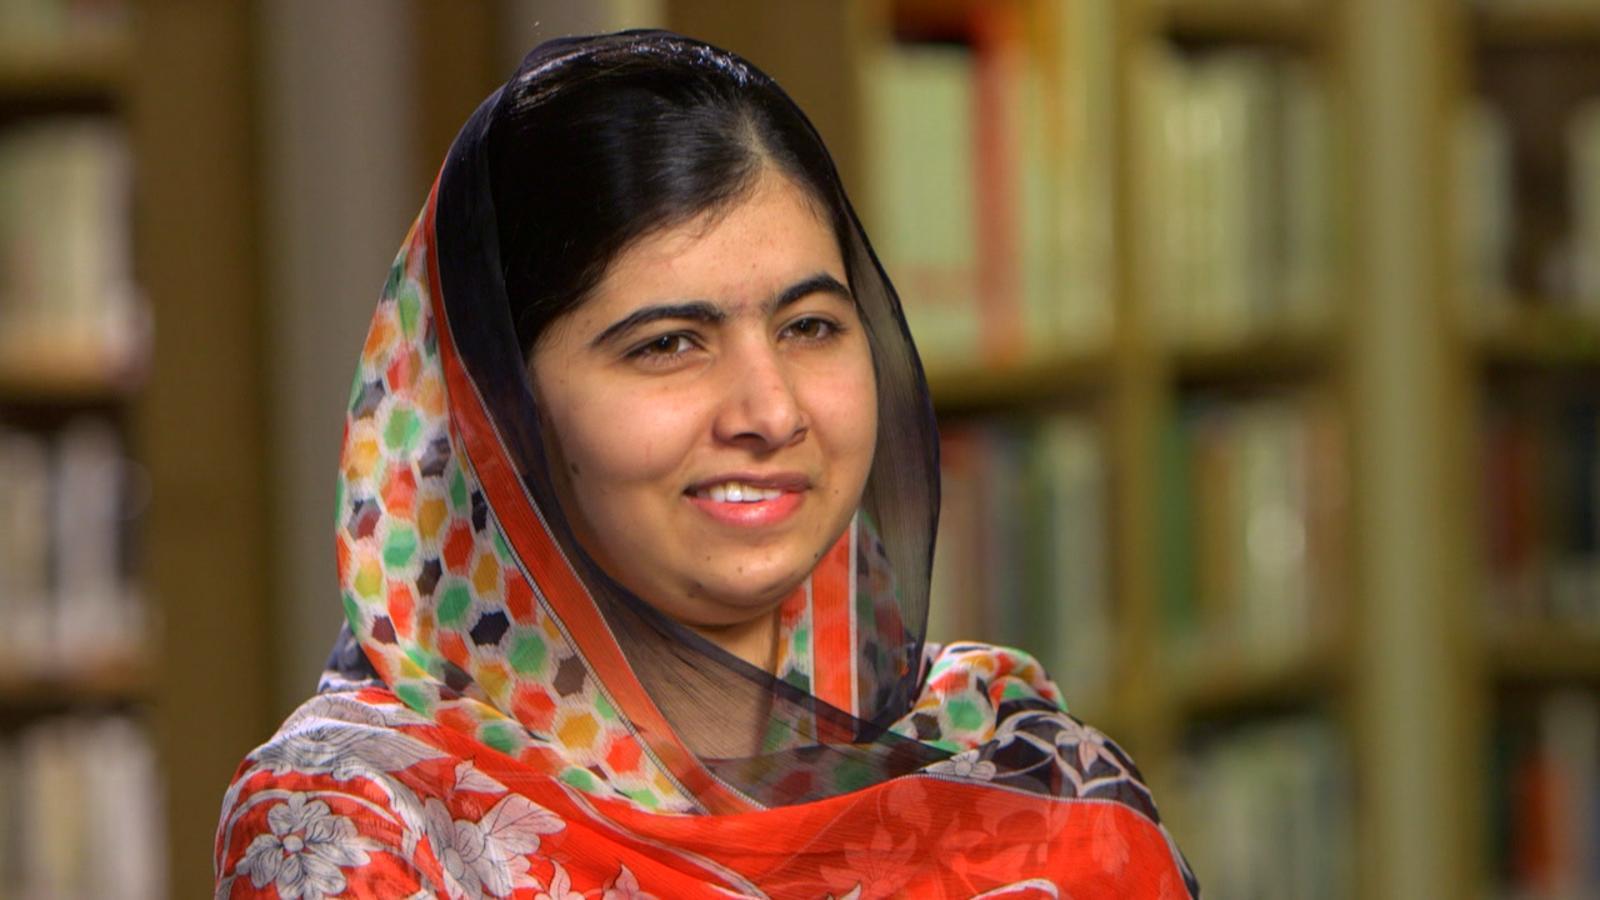 malala yousafzai Hoy quiero compartir con vosotros el caso de malala, una niña pakistaní de 14 años que ha sido herida de muerte por defender el derecho a la educación de las niñas.